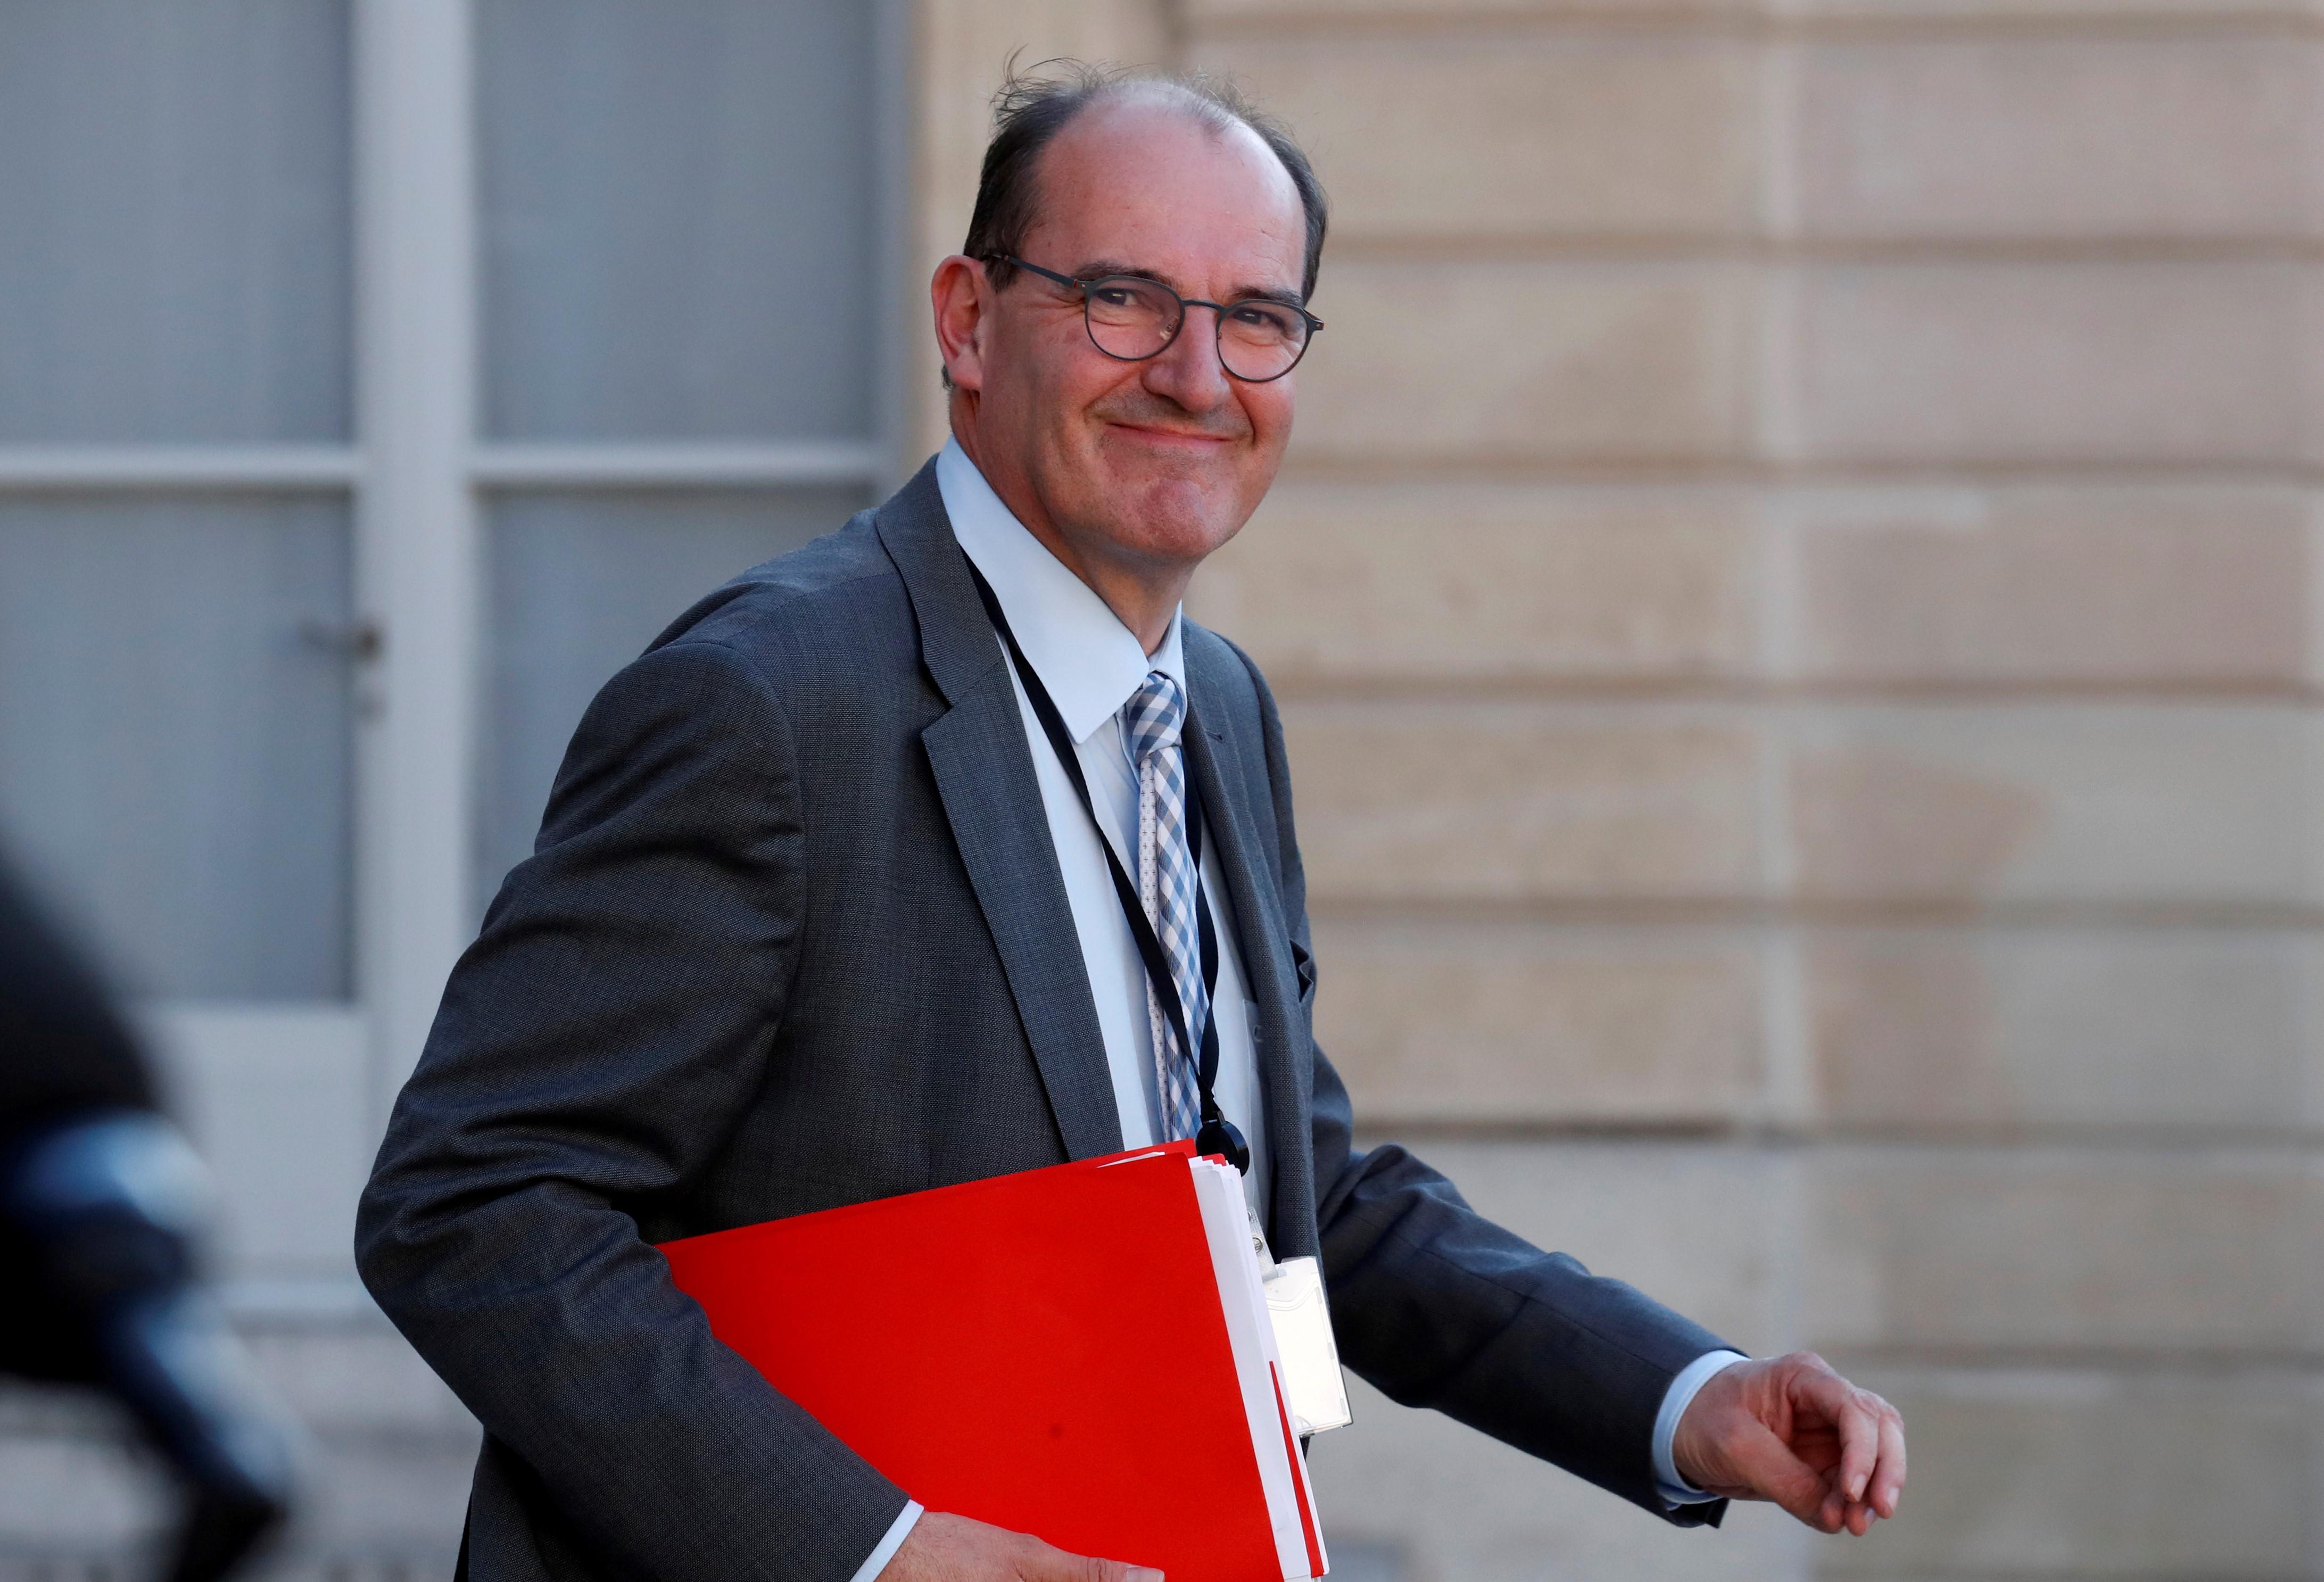 Franciaországban két évre meghosszabbítják a koronavírus miatti bértámogatást a rászorulóknak